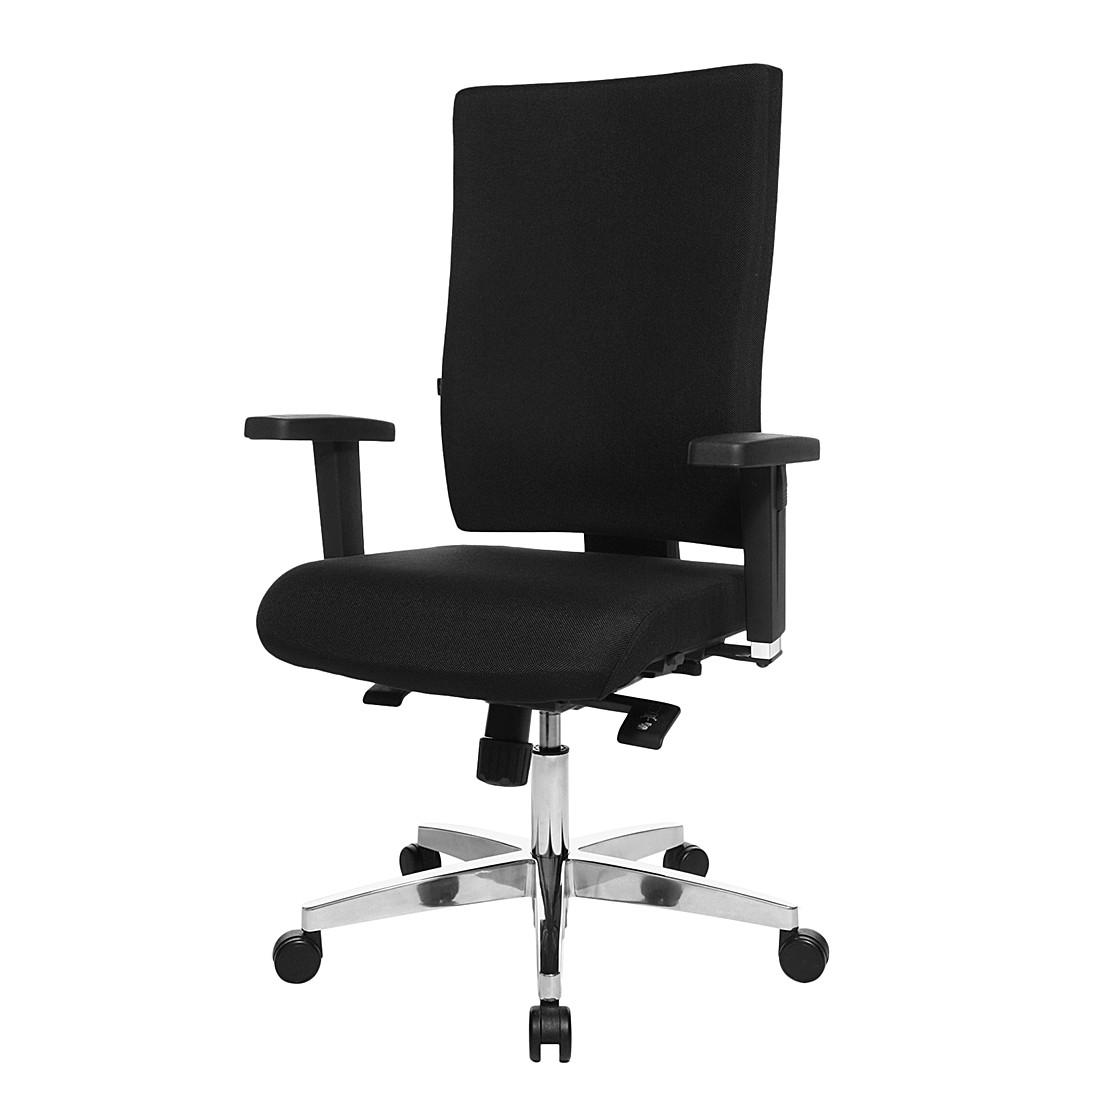 Bürodrehstuhl Lightstar 20 – Mit Armlehnen – Schwarz, Topstar günstig kaufen